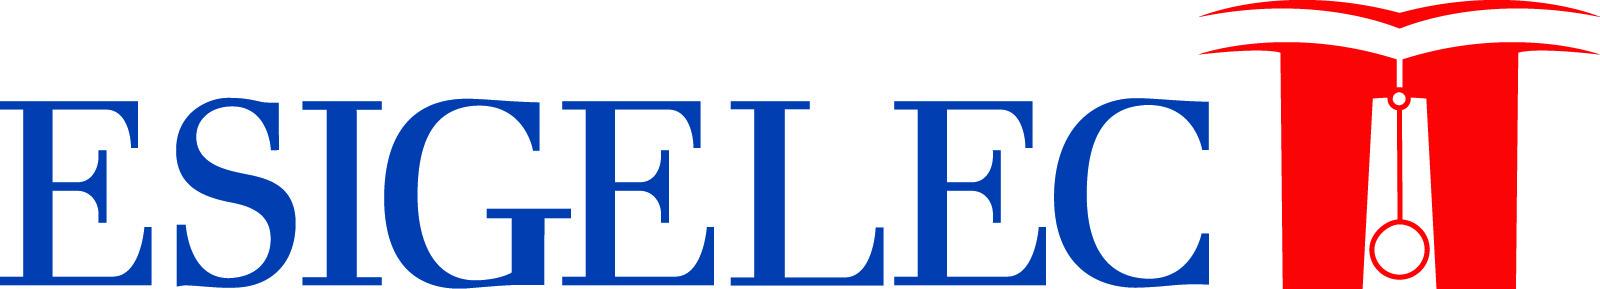 ESIGELEC – Découvrez la nouvelle vidéo de présentation de l'ESIGELEC !